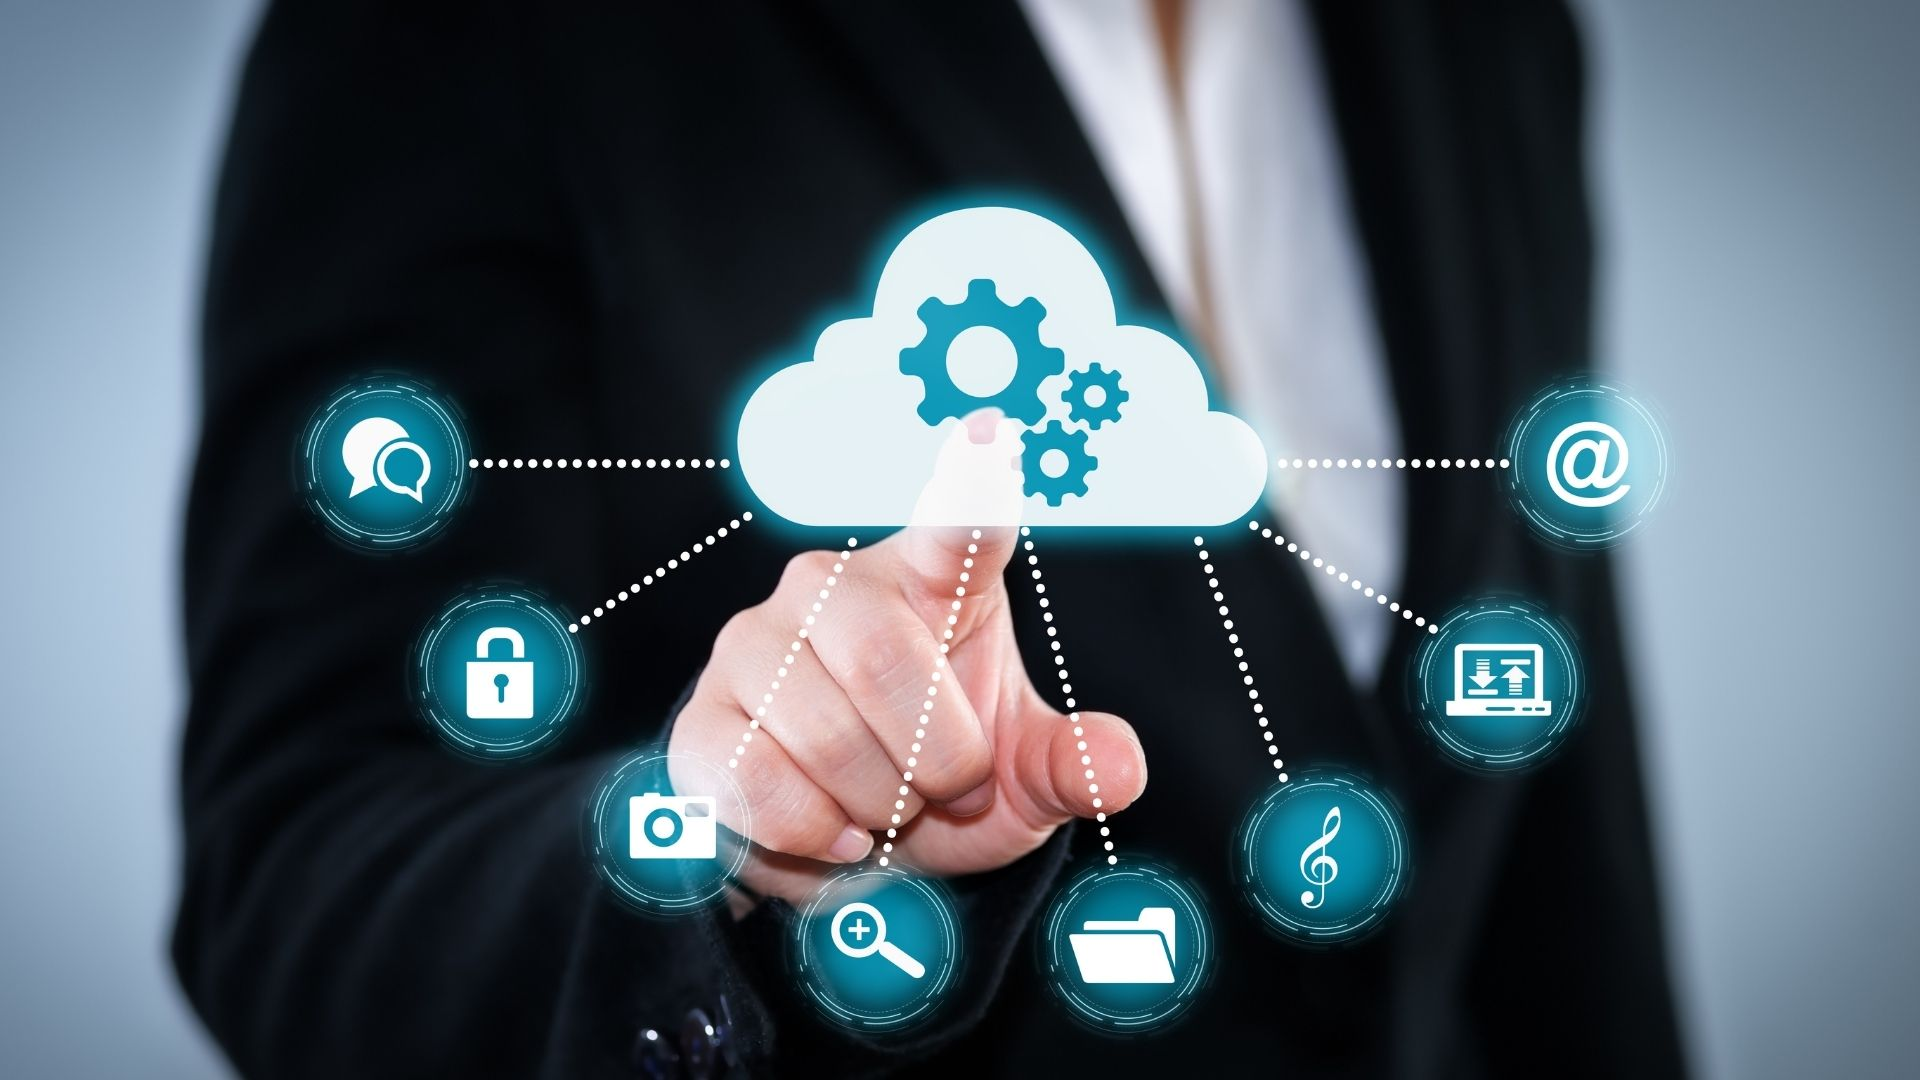 cloud computer services